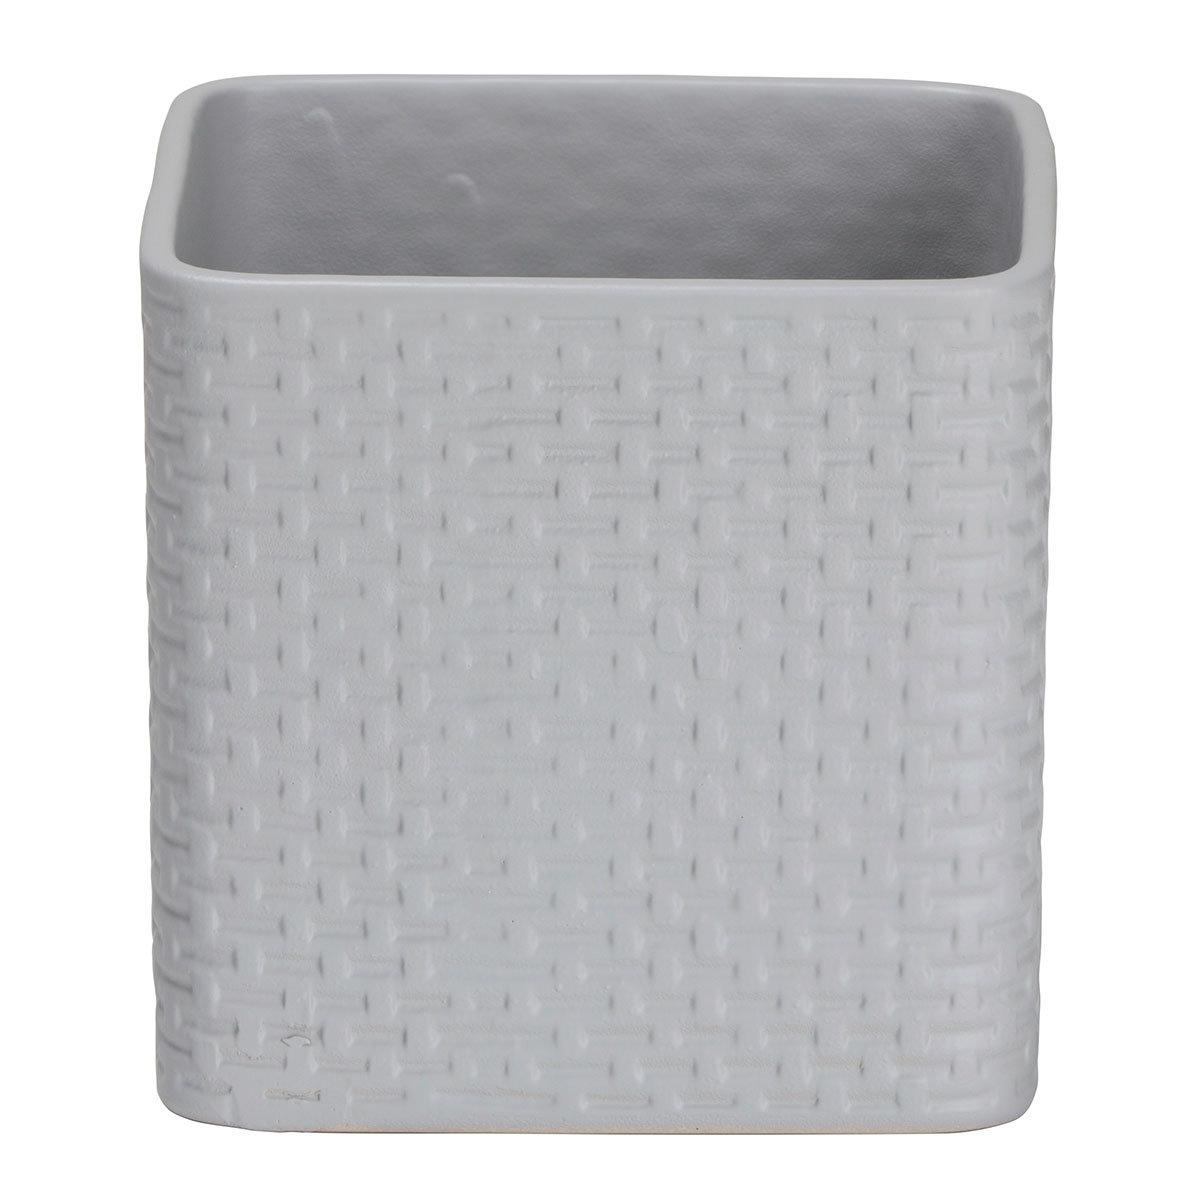 Scheurich Keramik-Übertopf Light Grey, rechteckig 15 cm